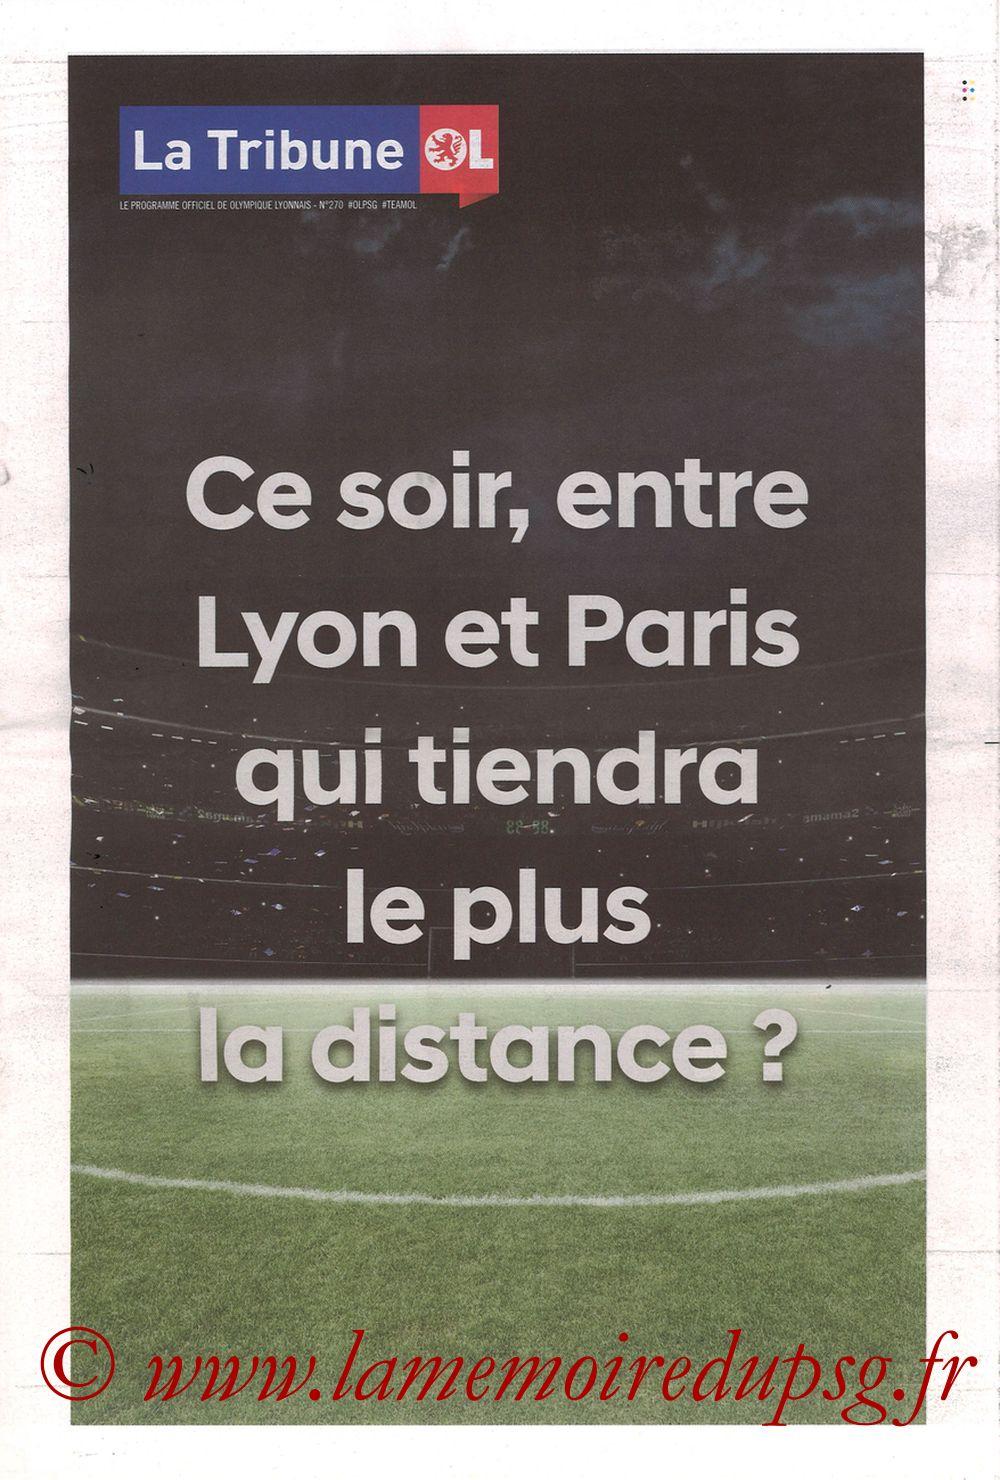 2019-02-03  Lyon-PSG (23ème L1, La Tribune OL N°270) - Page 01